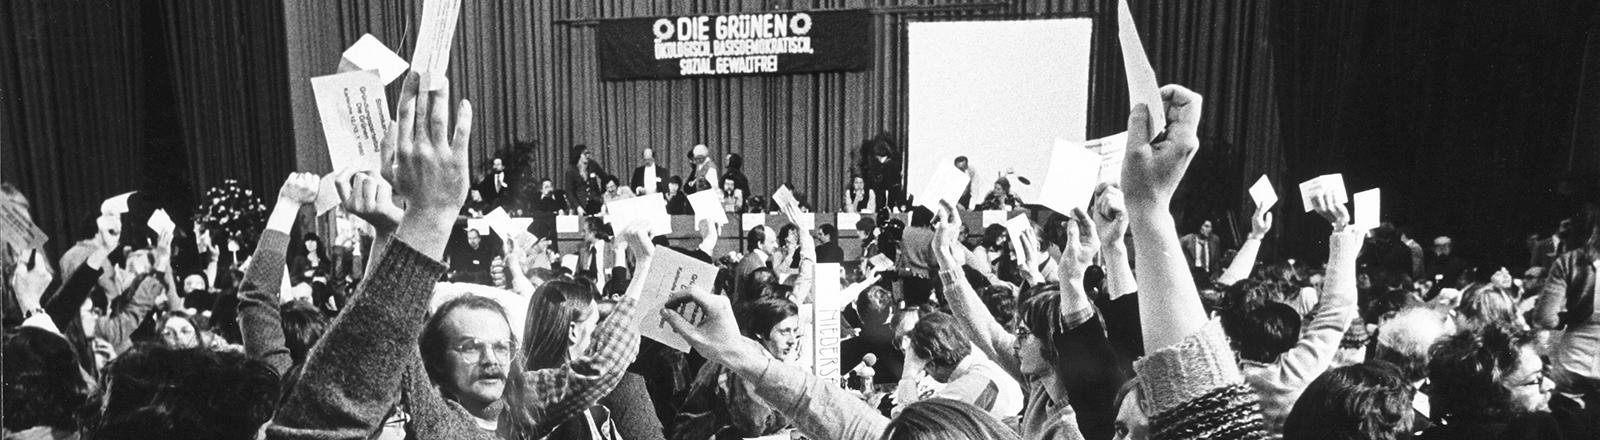 Gründungsparteitag der Grünen in der Stadthalle in Karlsruhe.